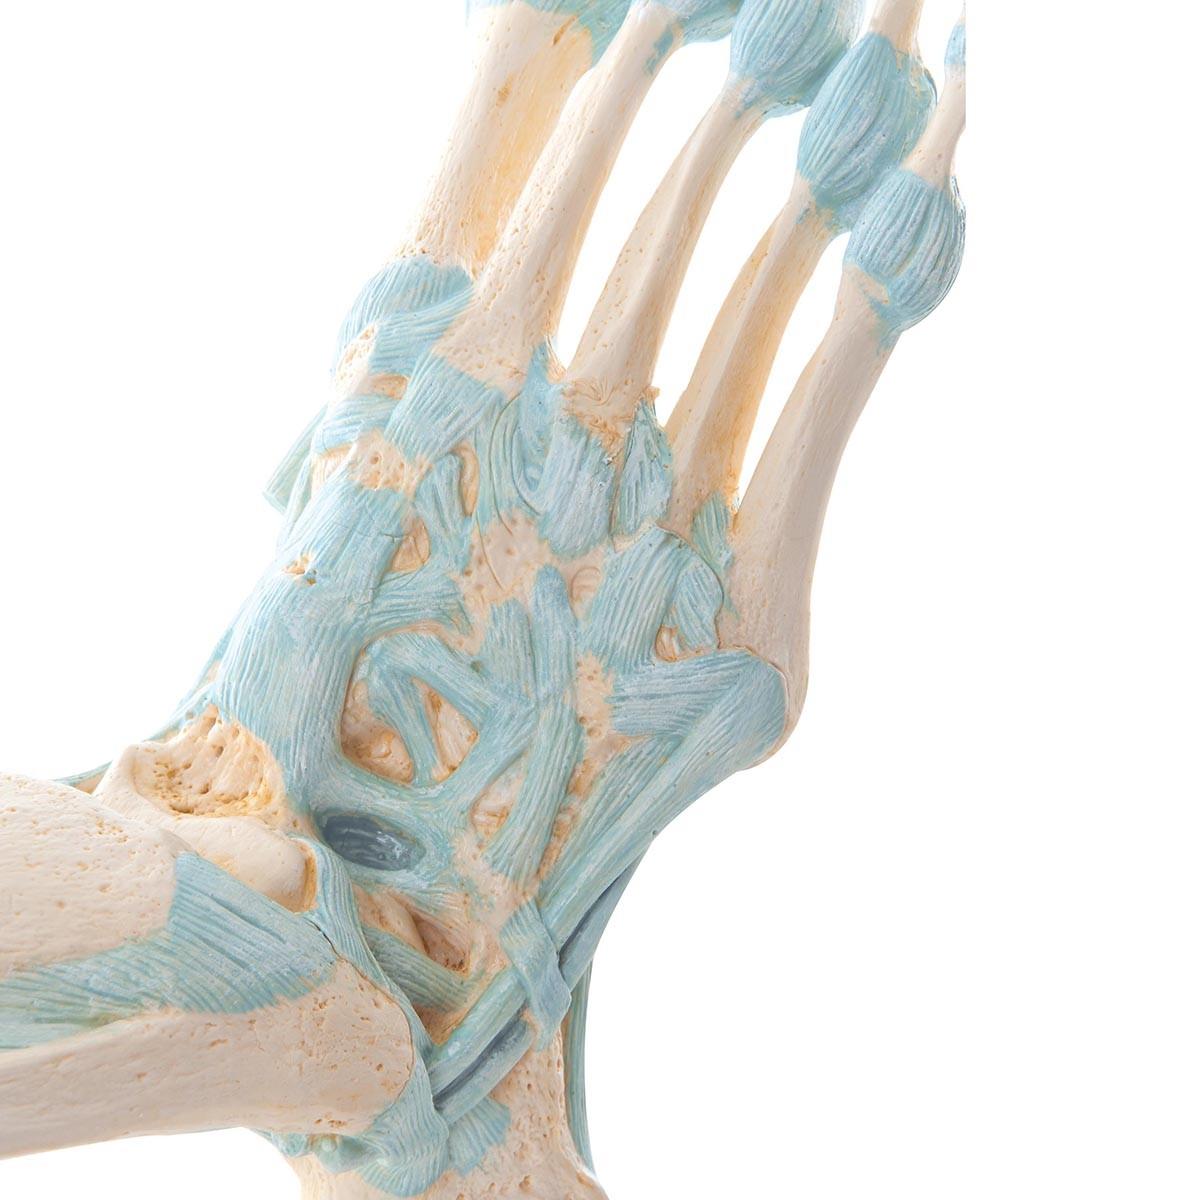 Modell des Fußskeletts mit Bändern